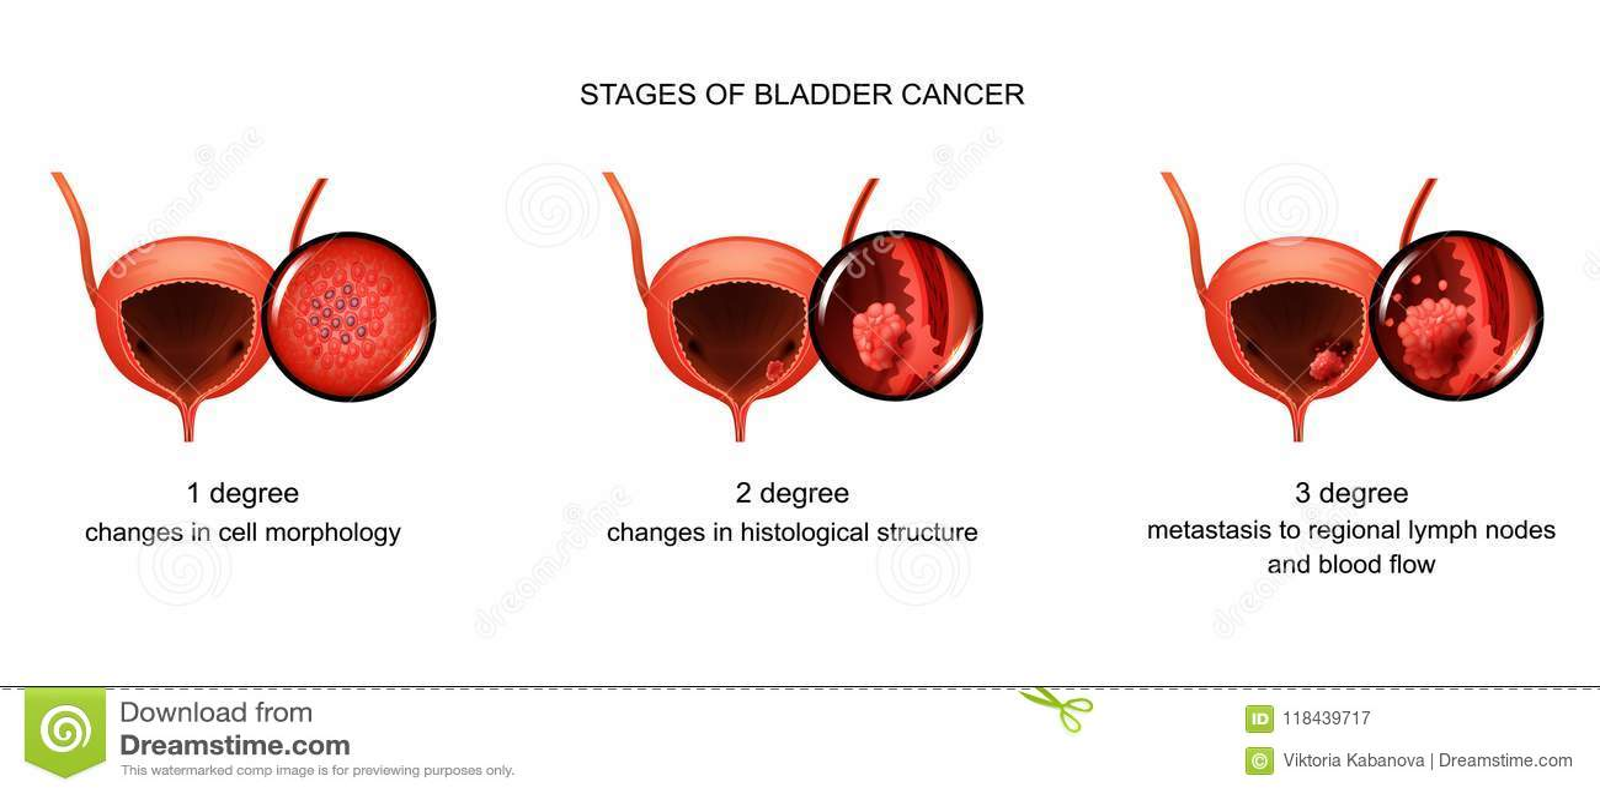 Cancer de colon ultima etapa - pcmaster.ro - Cancer peritoneal etapas